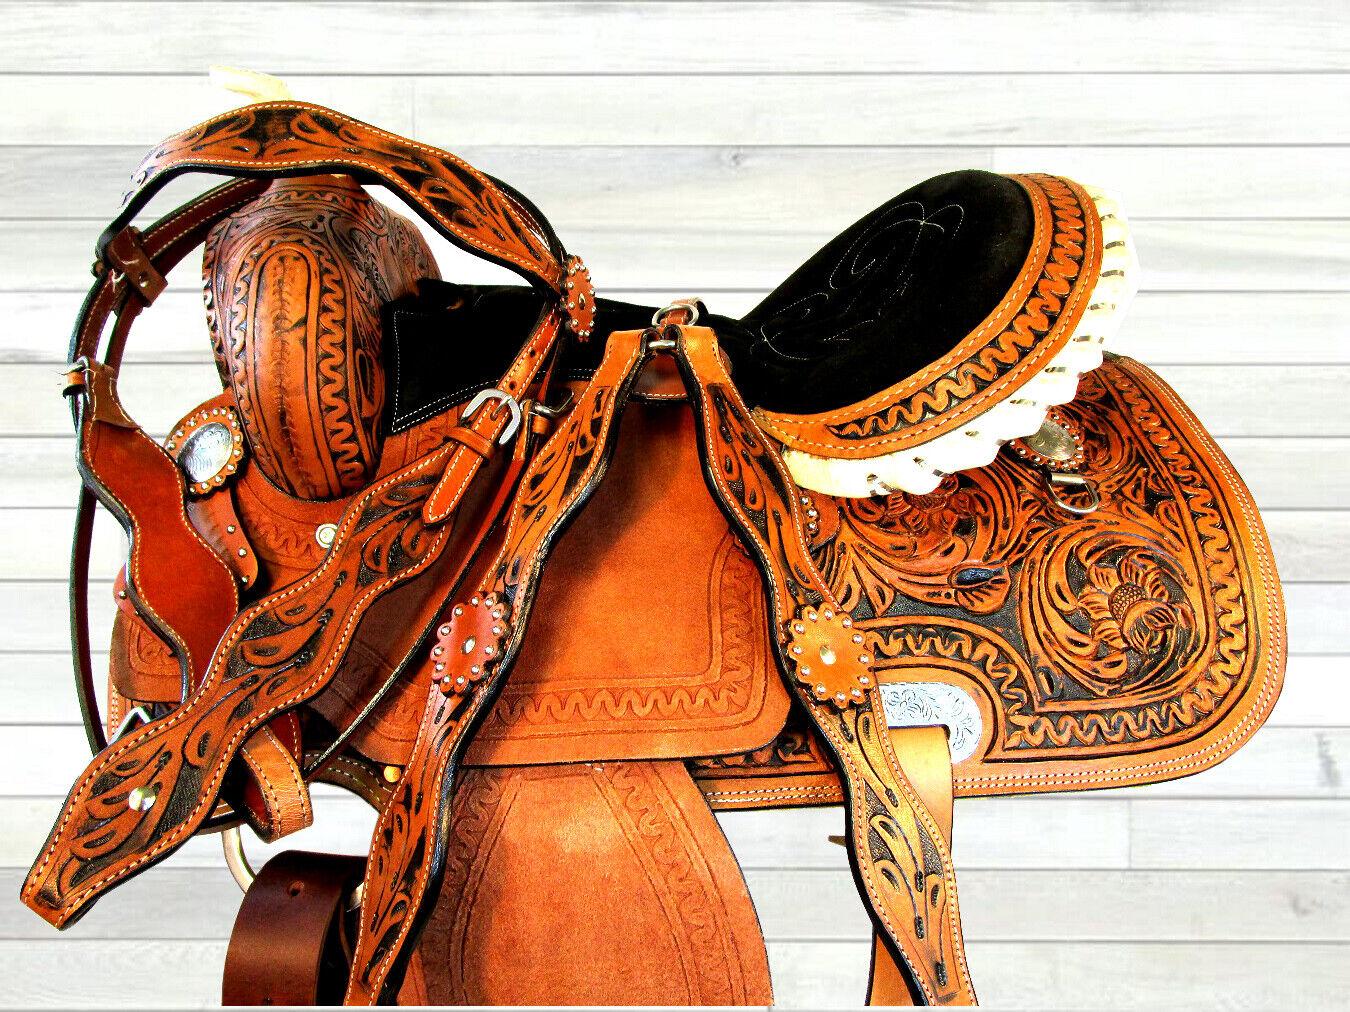 15 16 NEGRO ACOLCHADO ASIENTO vendedor pour caballos barril Racing Trail Silla De Montar Western